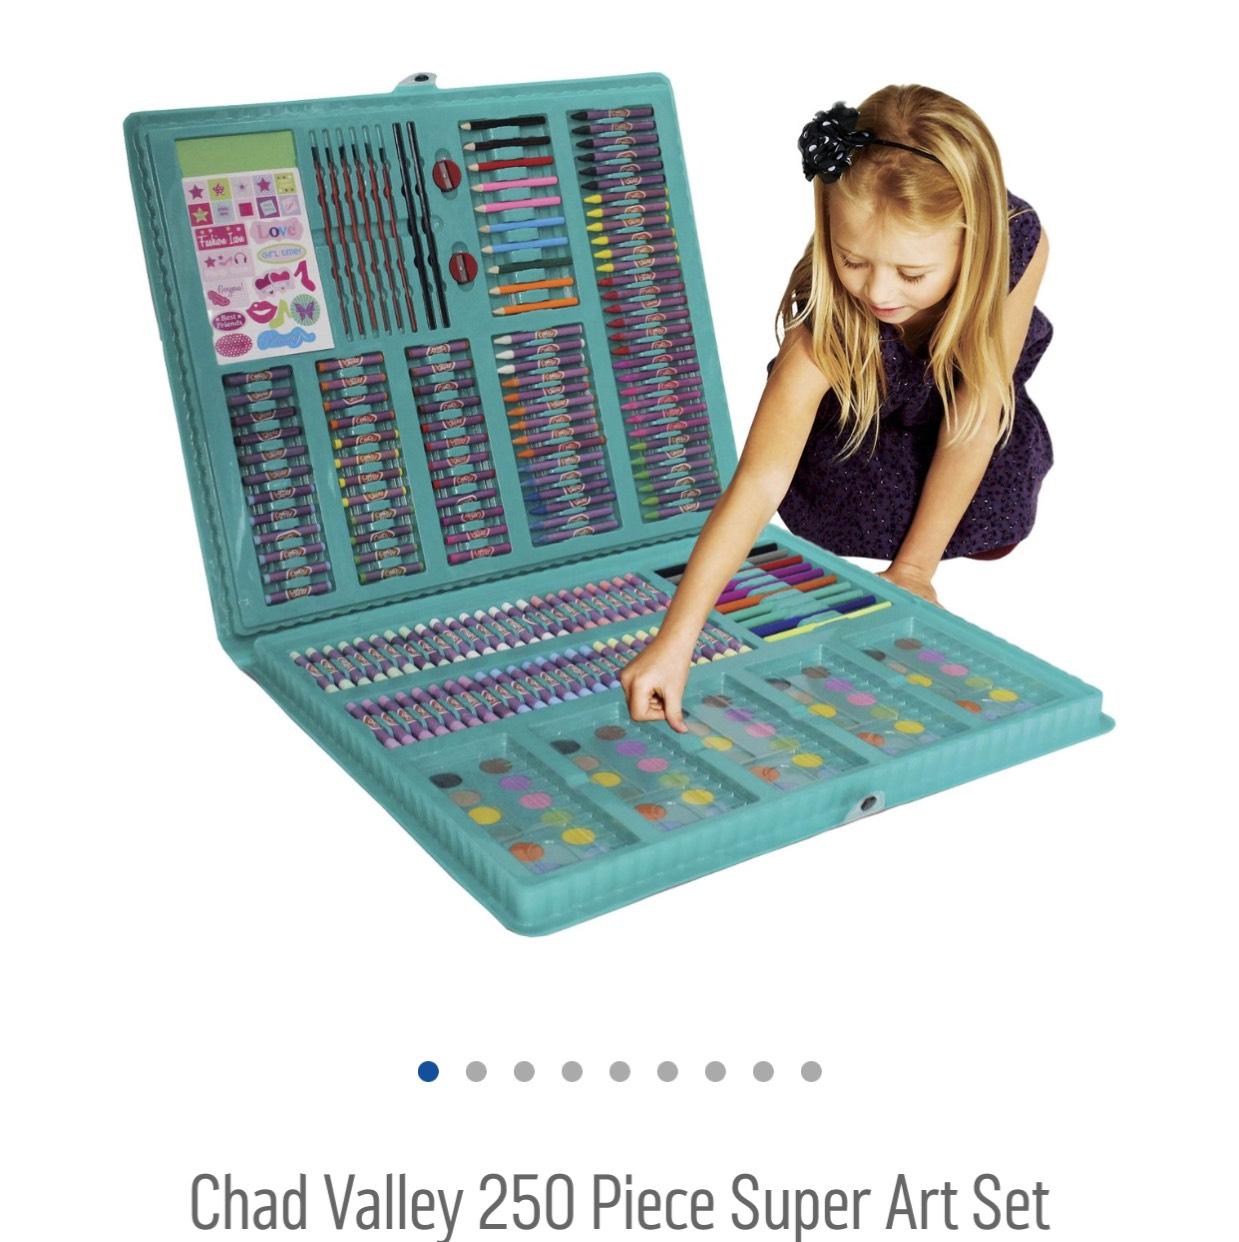 Chad Valley 250 Piece Super Art Set £4.80 Argos with code